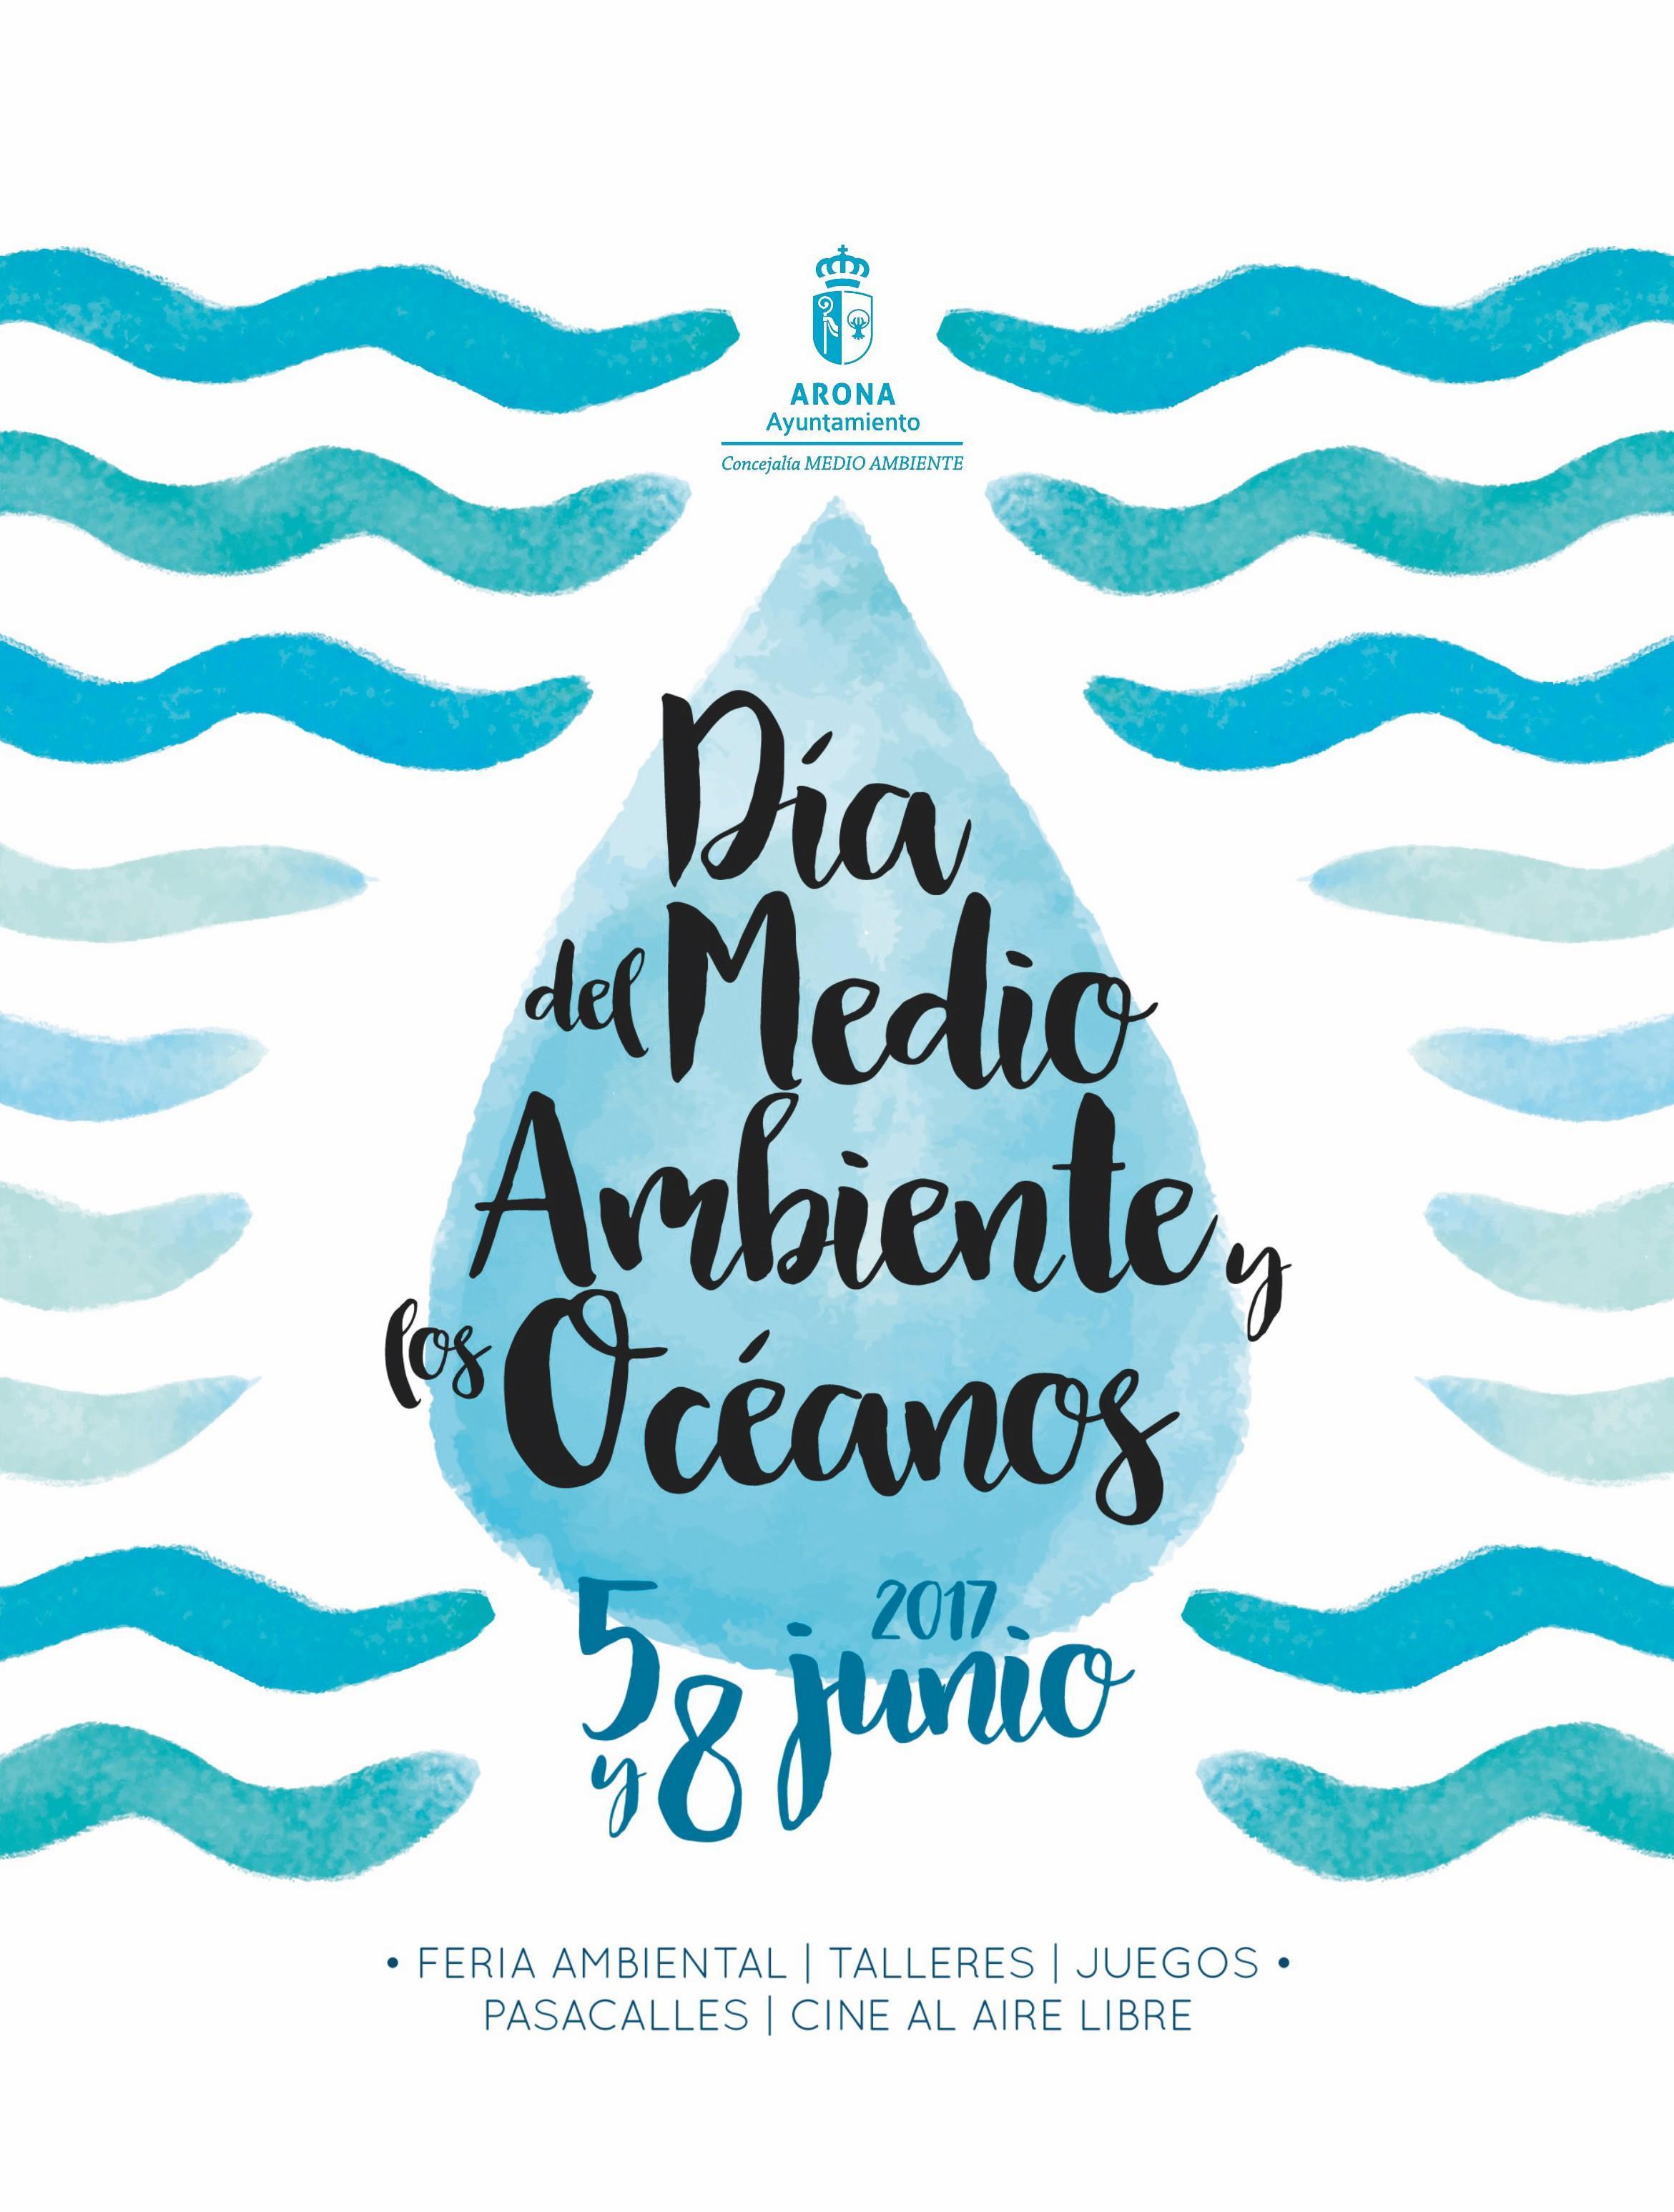 Cartel del Día del Medio Ambiente y los Océanos, 2017.